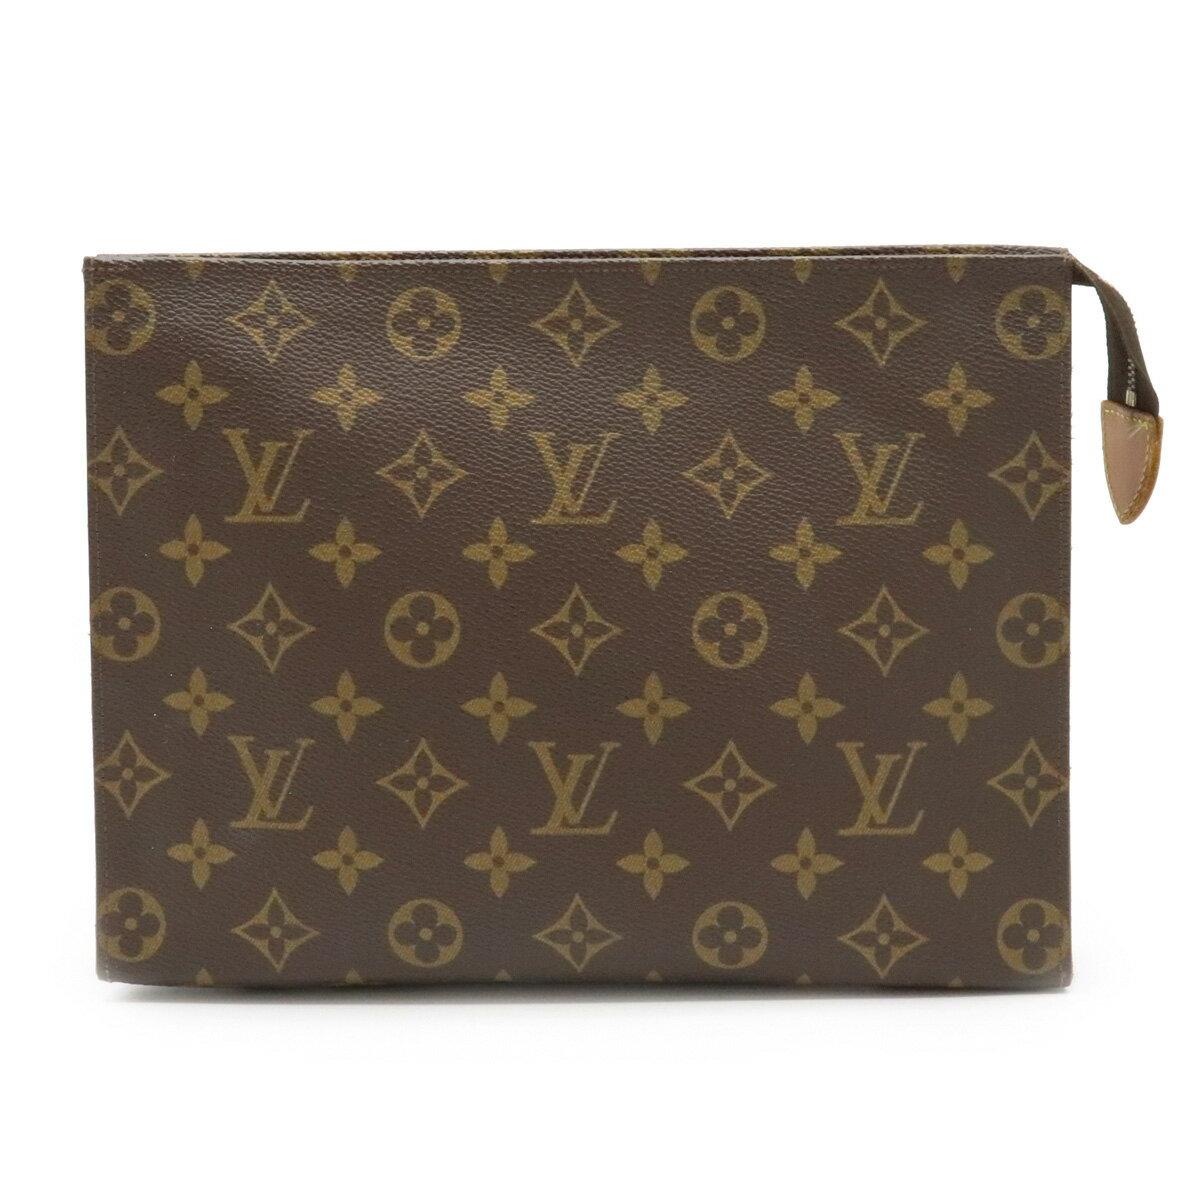 レディースバッグ, 化粧ポーチ LOUIS VUITTON 26 M47542